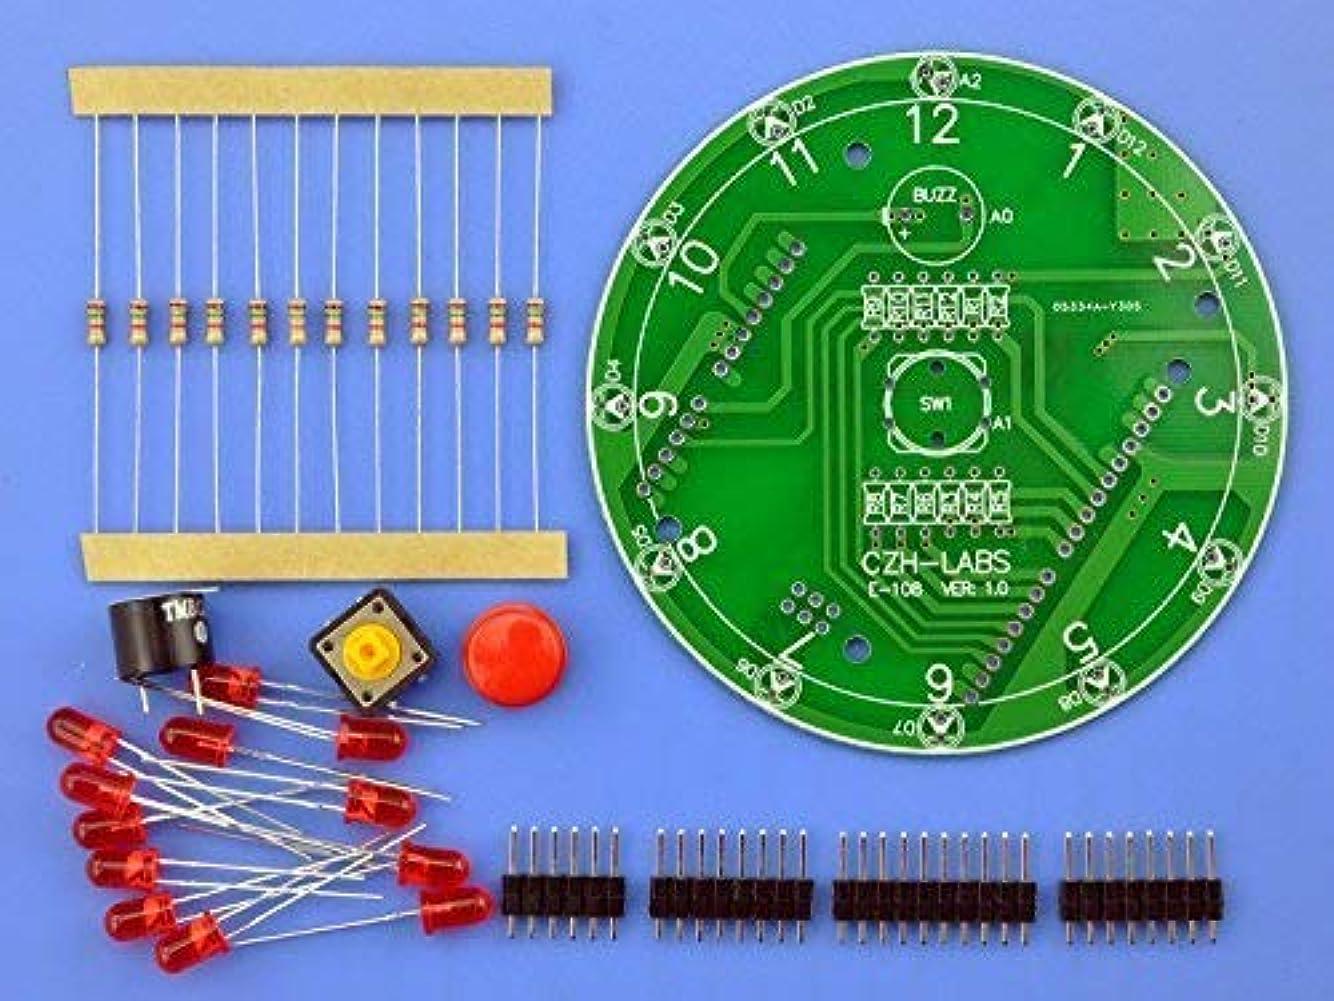 週末背の高い輪郭CZH-LABS elecronics-サロン12位 Arduino UNO R3用 電子ラッキーロータリーボードキット主導しました